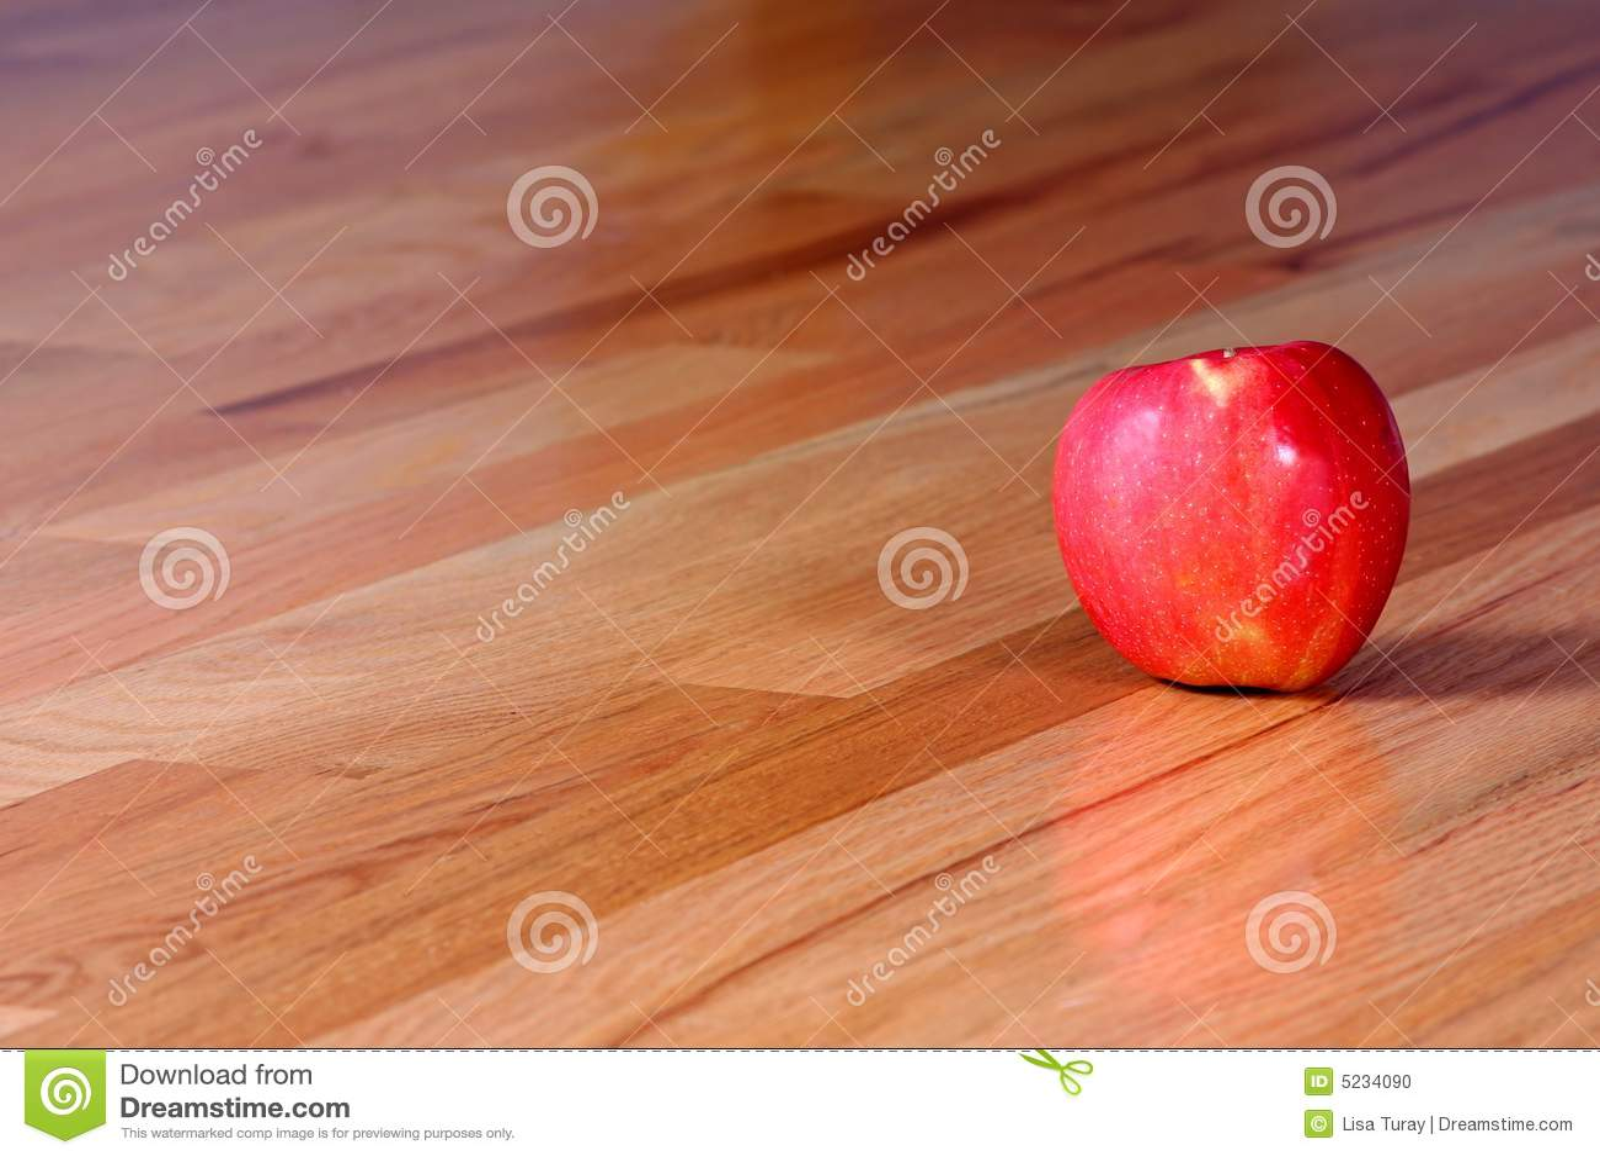 download free apple hardwood - photo #36